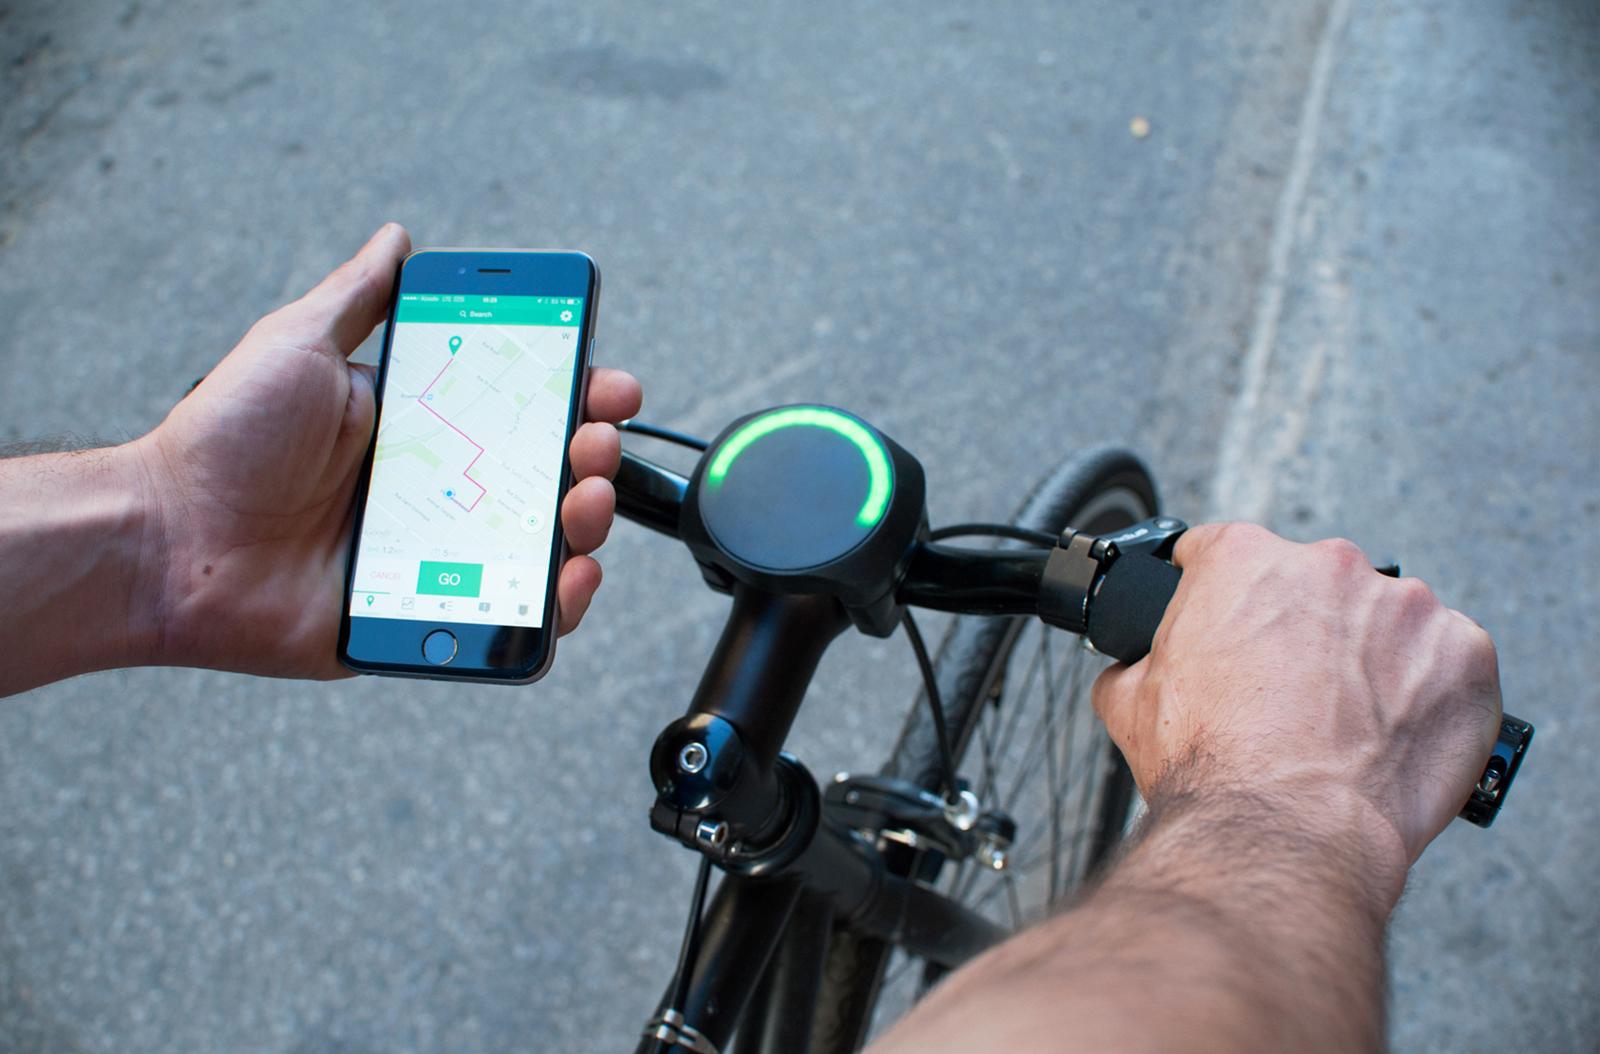 スマホのアプリと連動!自転車専用のナビ「SmartHalo」が便利で革新的!